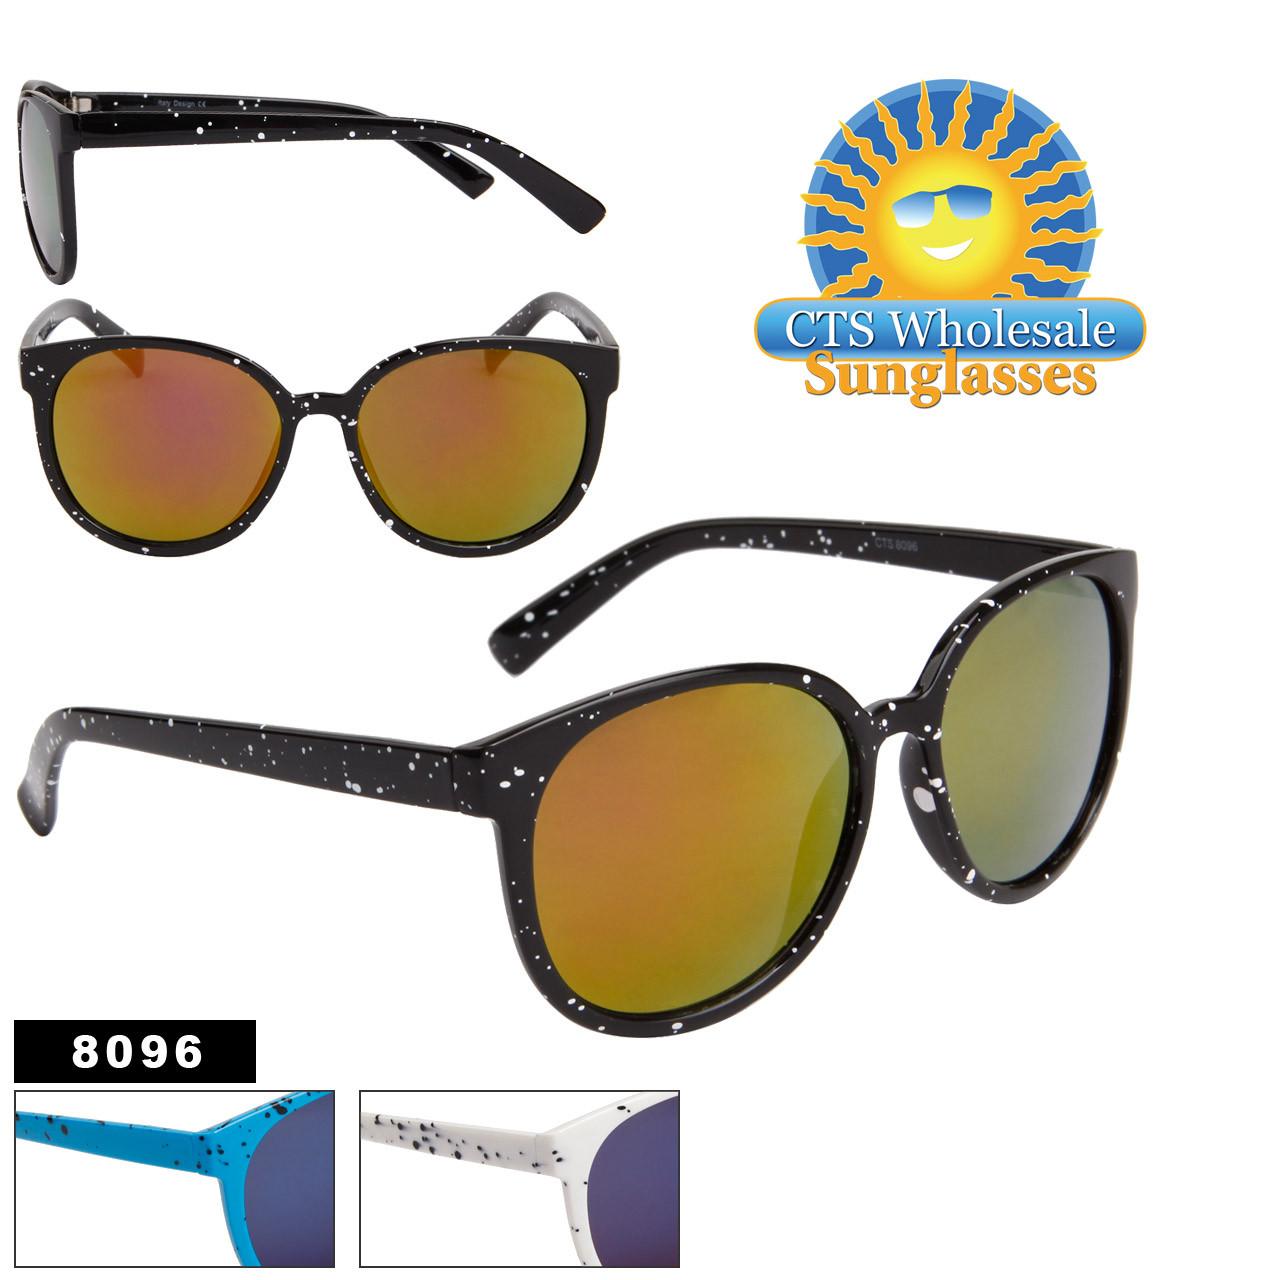 Unisex Wholesale Sunglasses - Style # 8096